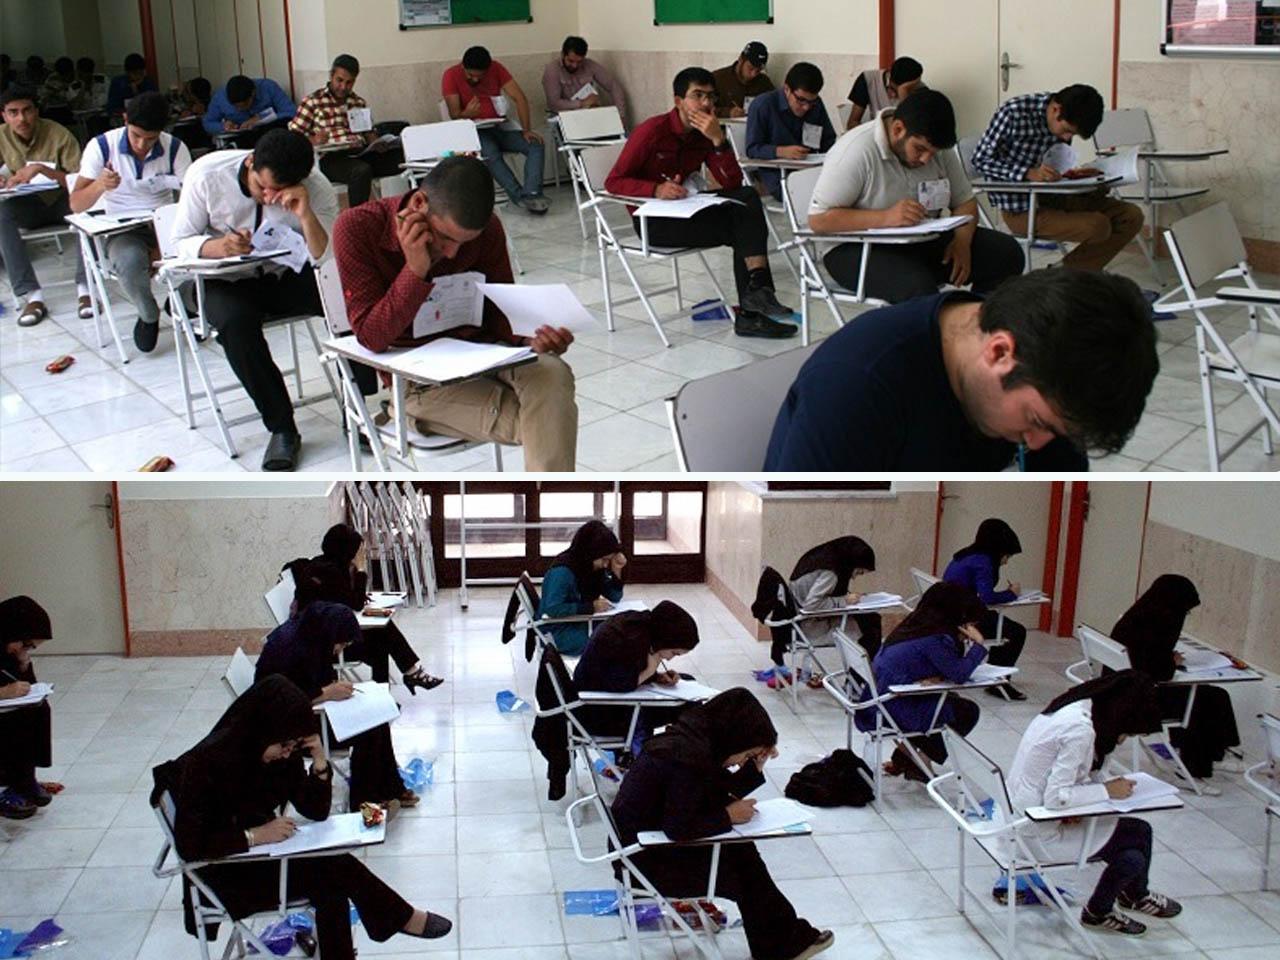 رقابت ۱۲۴۷ داوطلب برای نشستن بر صندلی دانشگاه